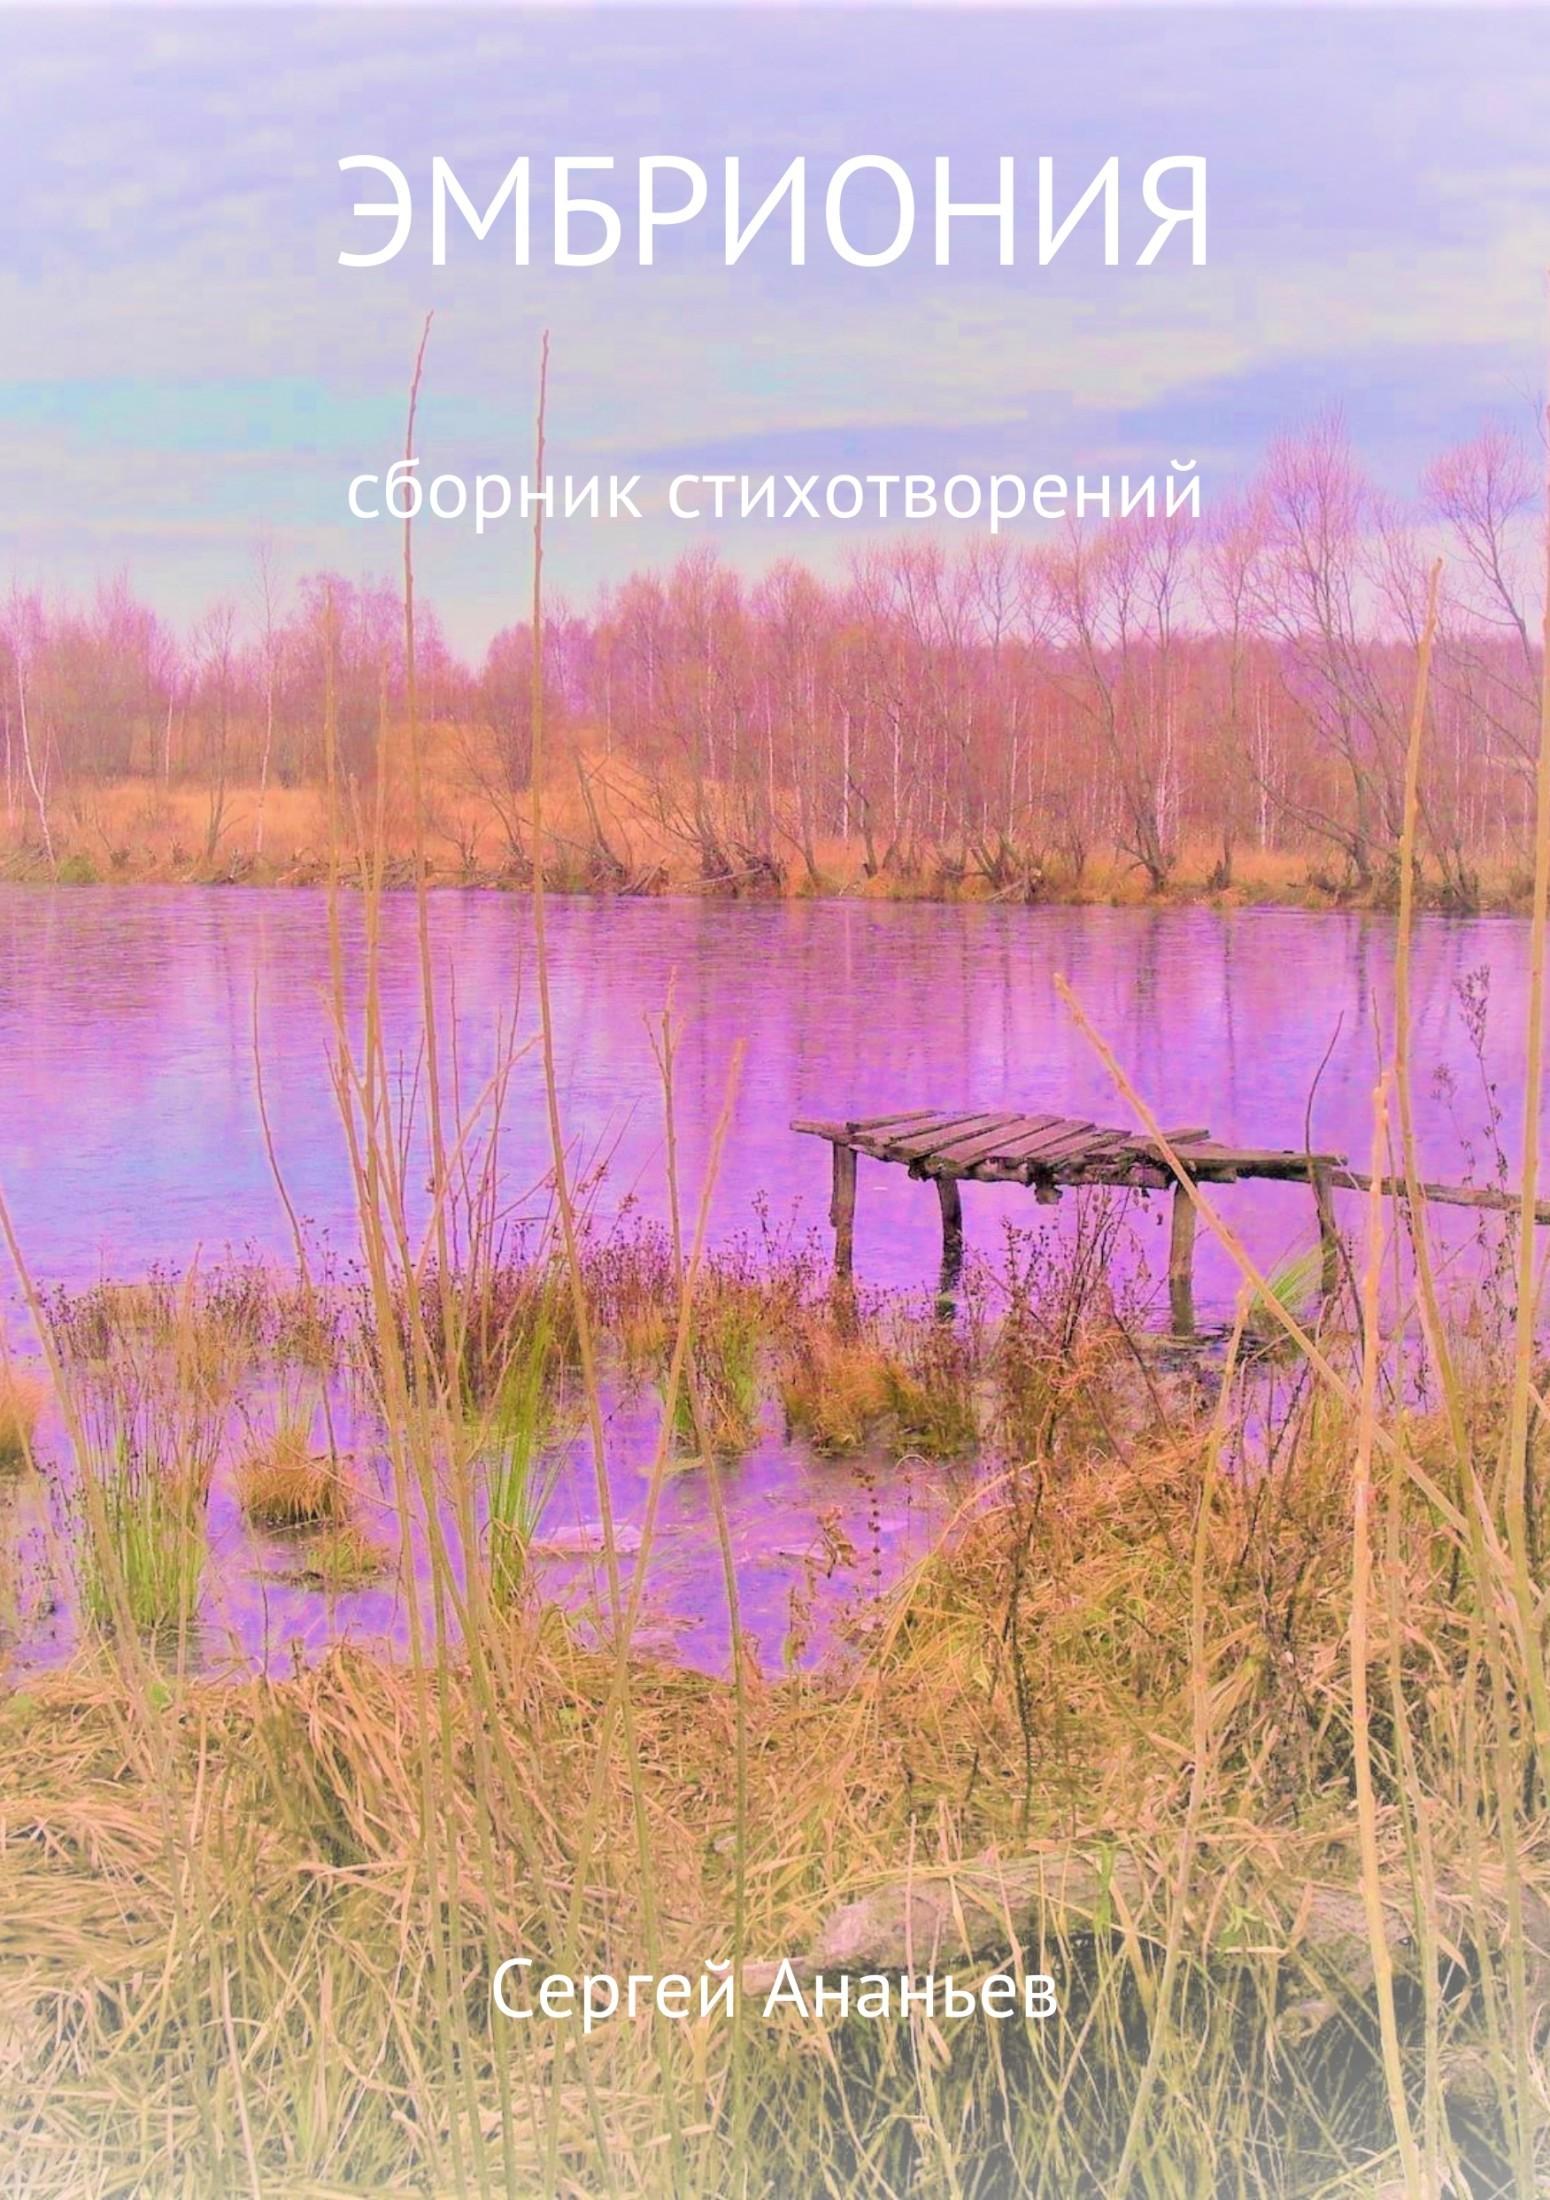 Сергей Ананьев - Эмбриония. Сборник стихотворений